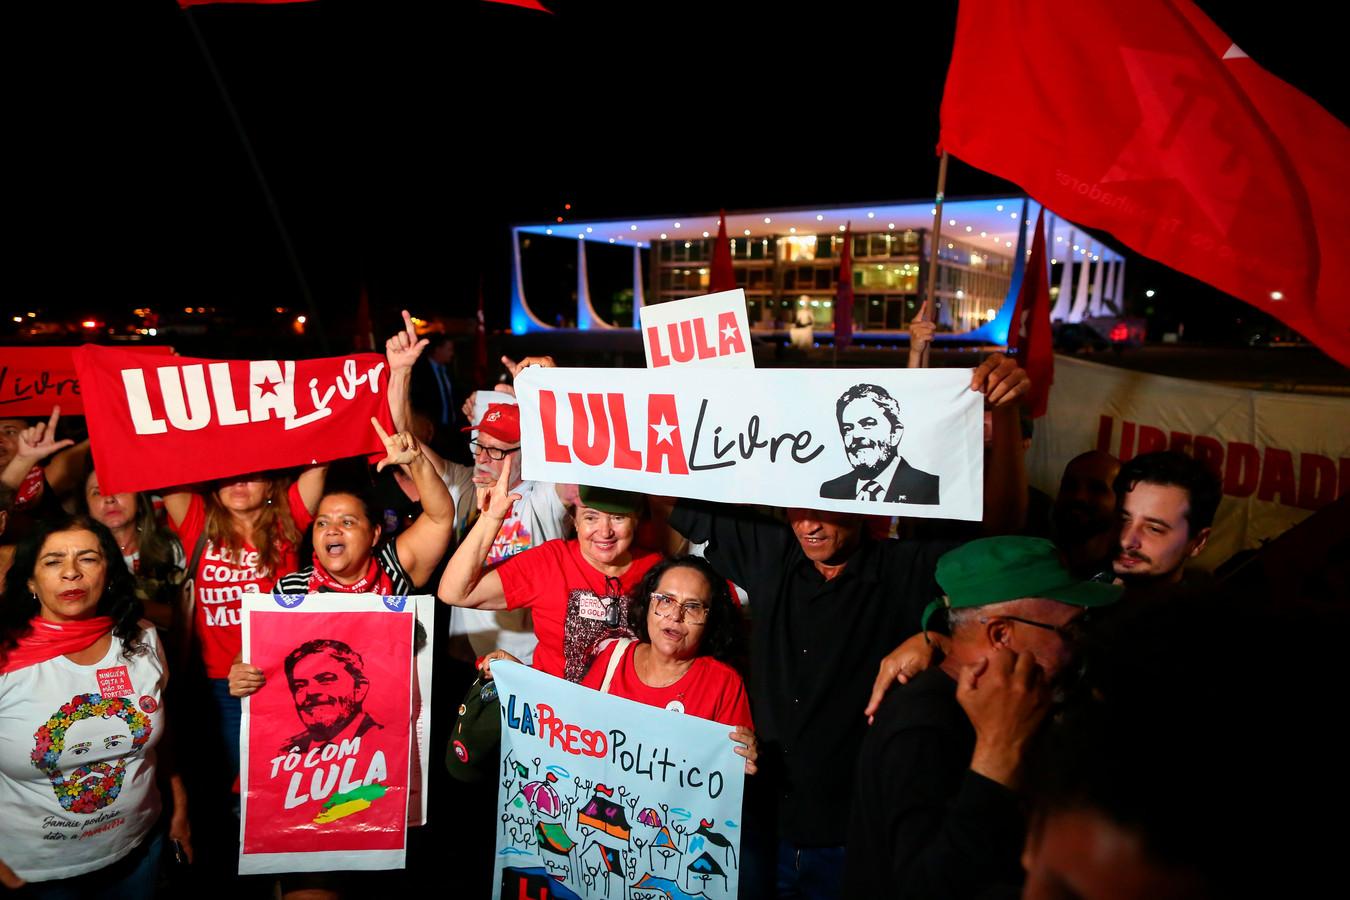 Aanhangers van Lula vieren de uitspraak van het Hooggerechtshof in de Braziliaanse hoofdstad Brasília.